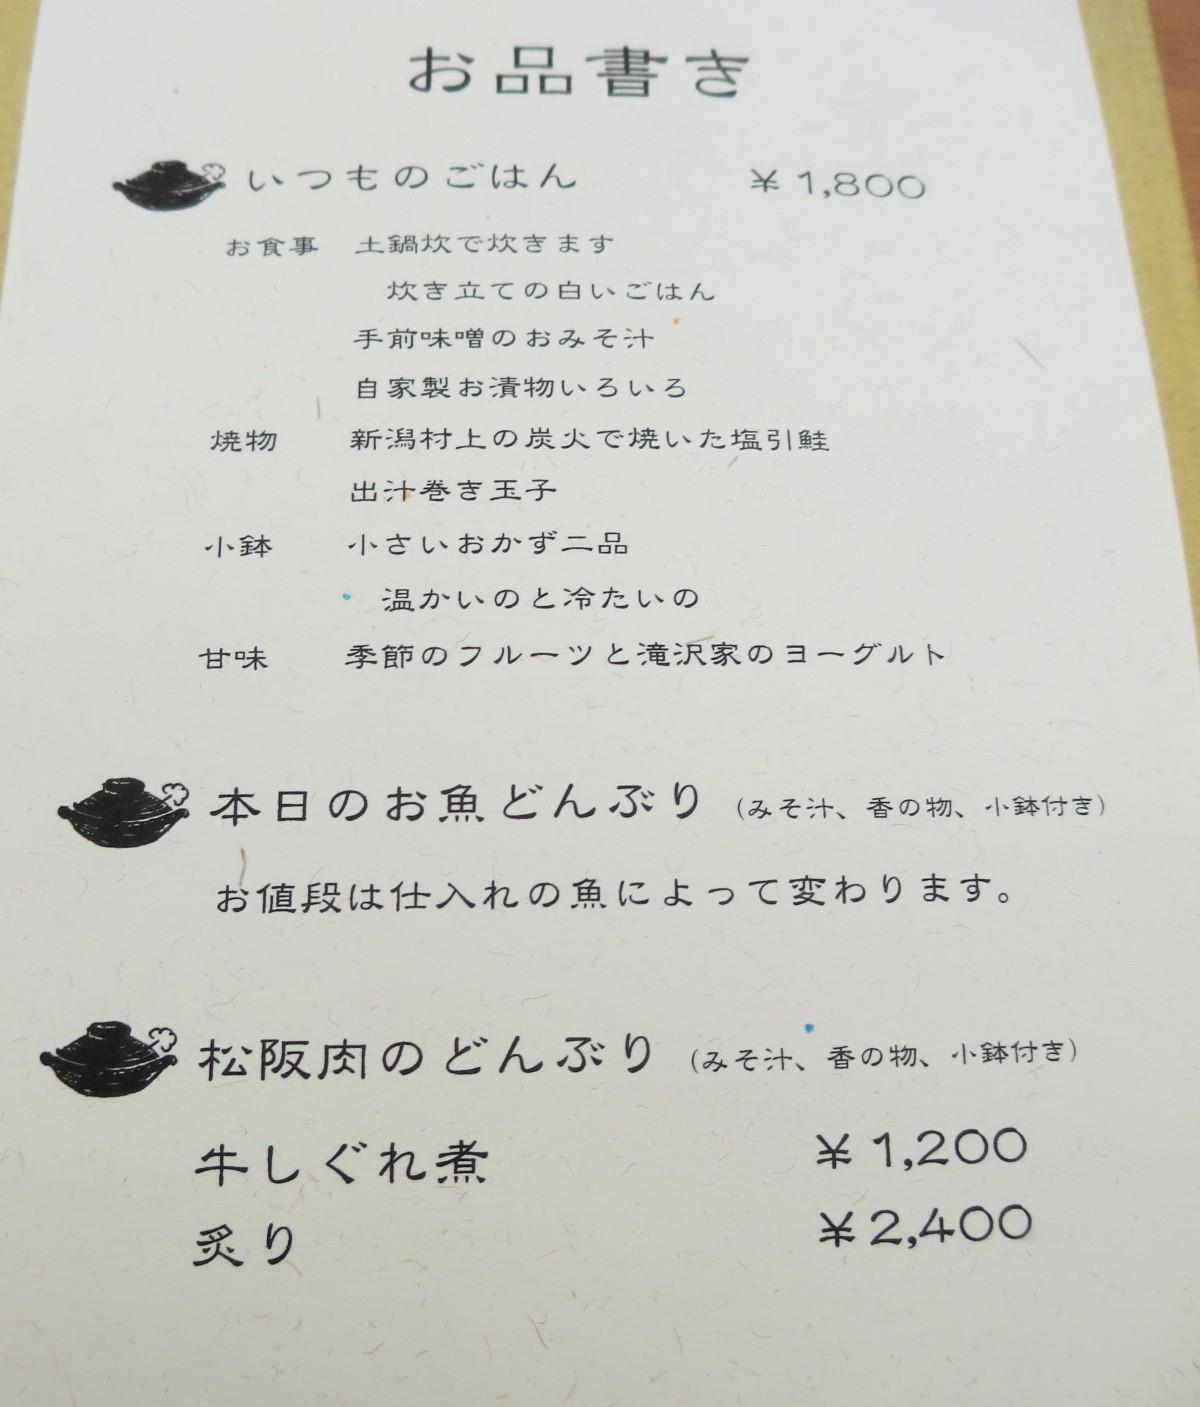 朝食&ブランチ☆食堂 takizawa NEW OPEN!@追分_f0236260_18352242.jpg